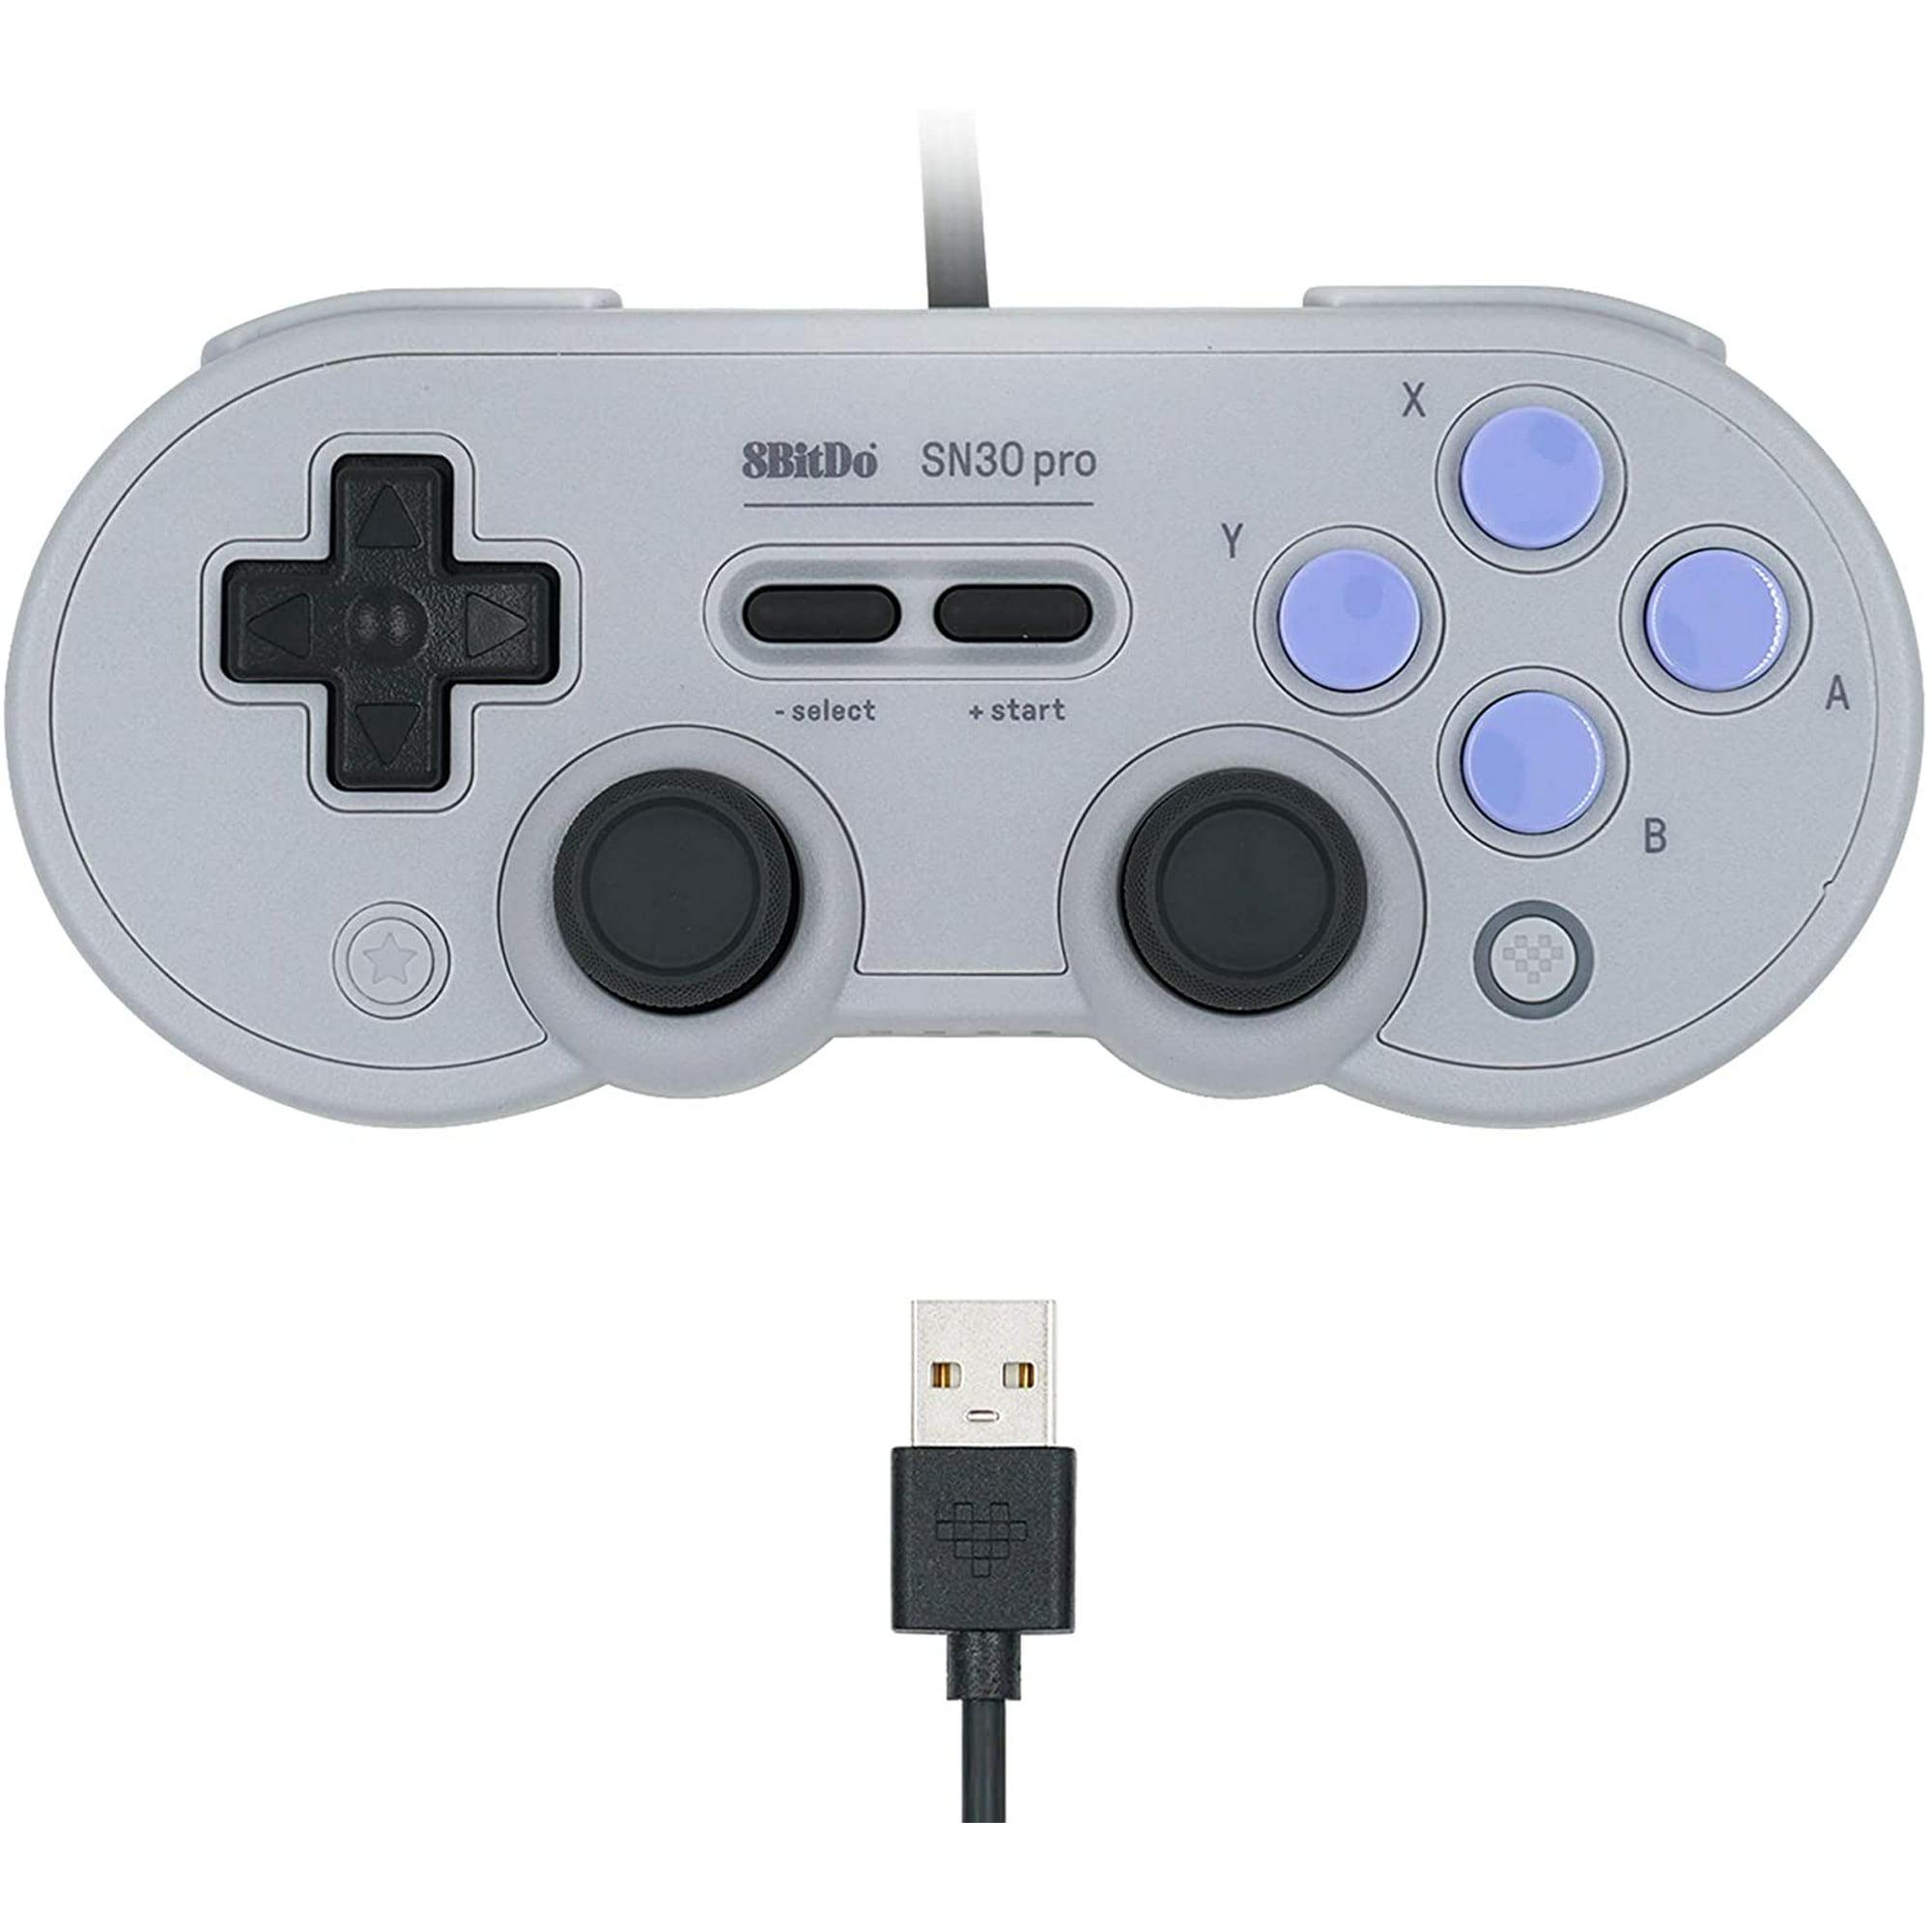 Mcbazel 8bitdo Sn30 Pro Usb Gamepad For Nintendo Switch Windows Raspberry Pi Sn Edition With Pouch Walmart Canada